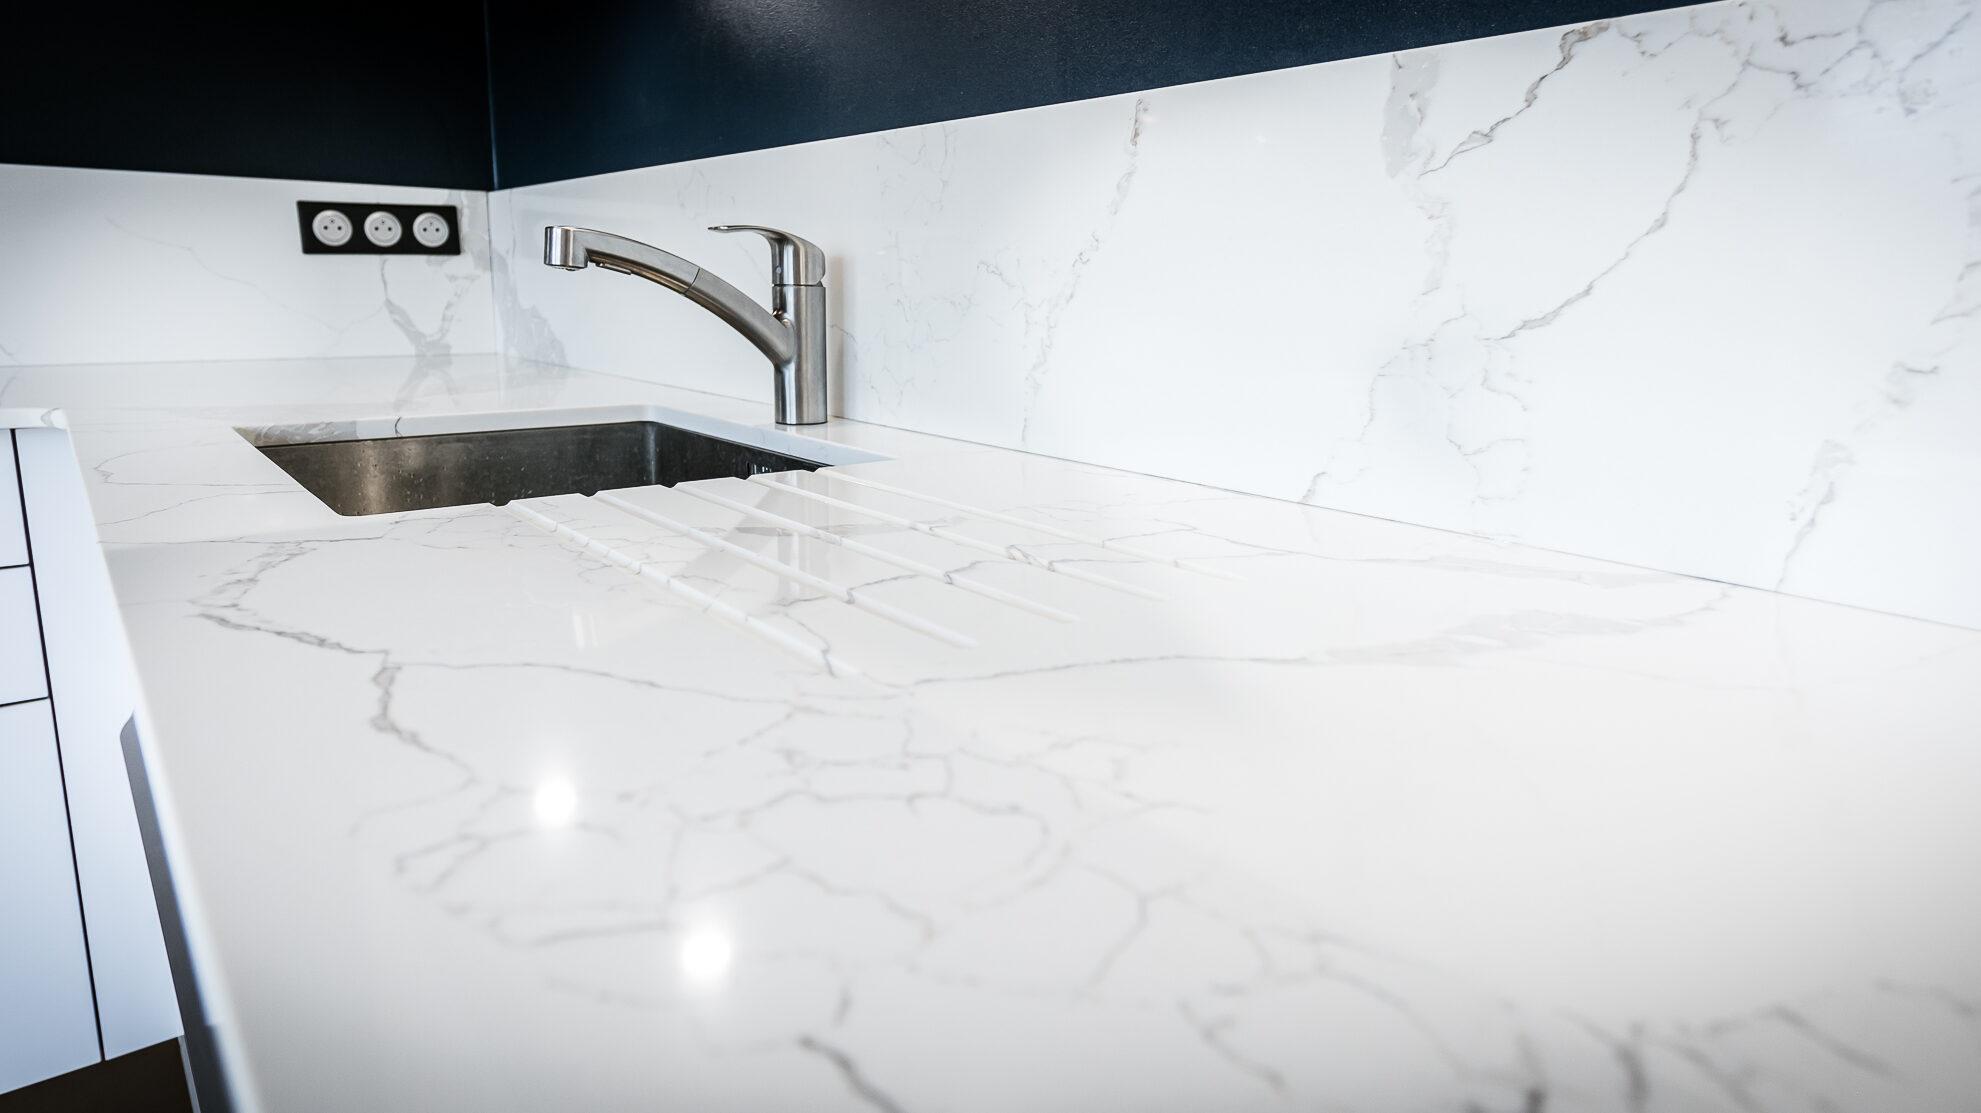 plan de cuisine quartz, céramique, marbre blanc